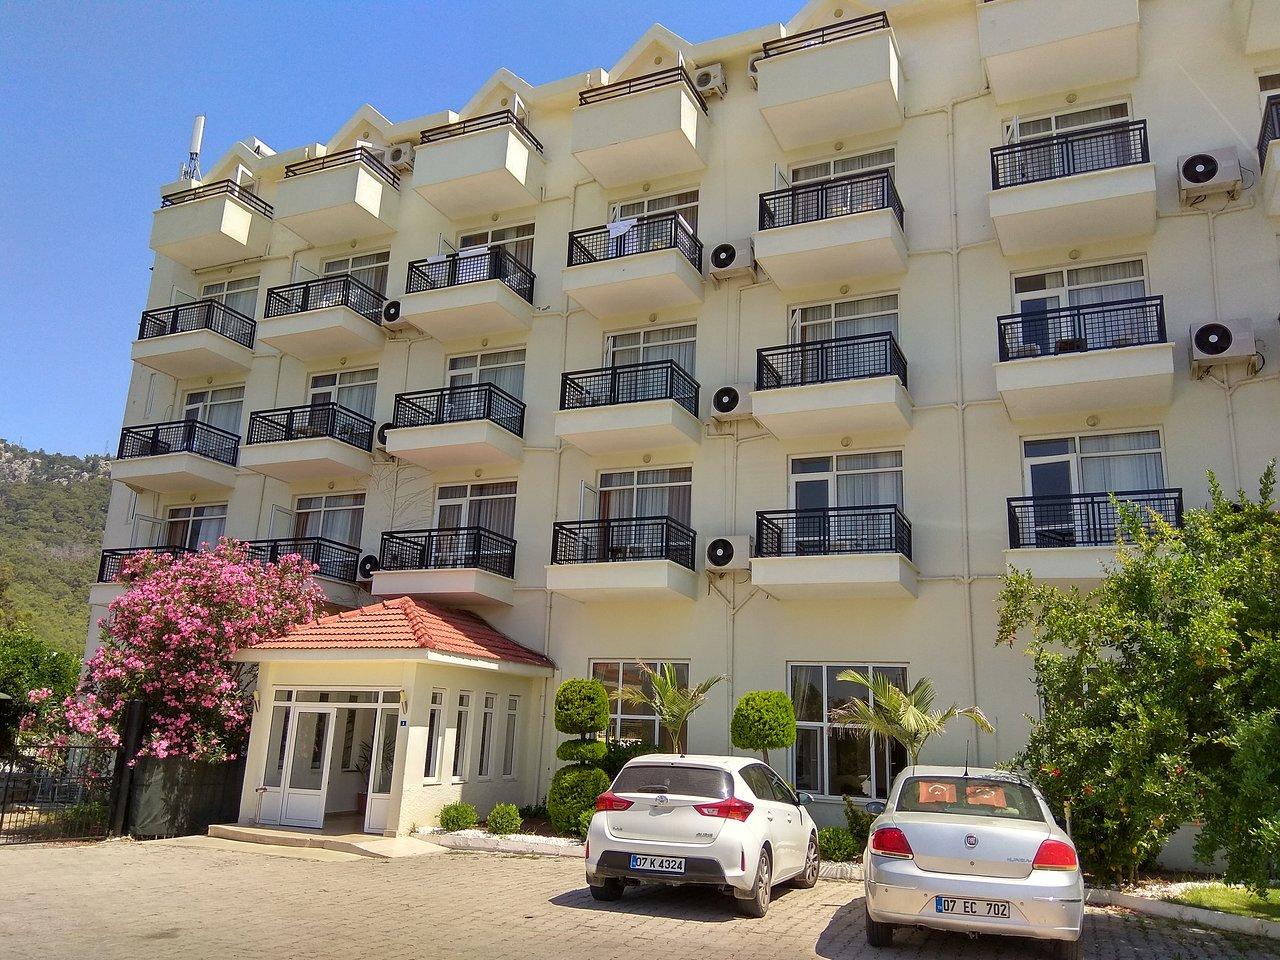 Kemer - Her şey dahil olmak üzere 3 yıldızlı oteller: yorum, açıklama